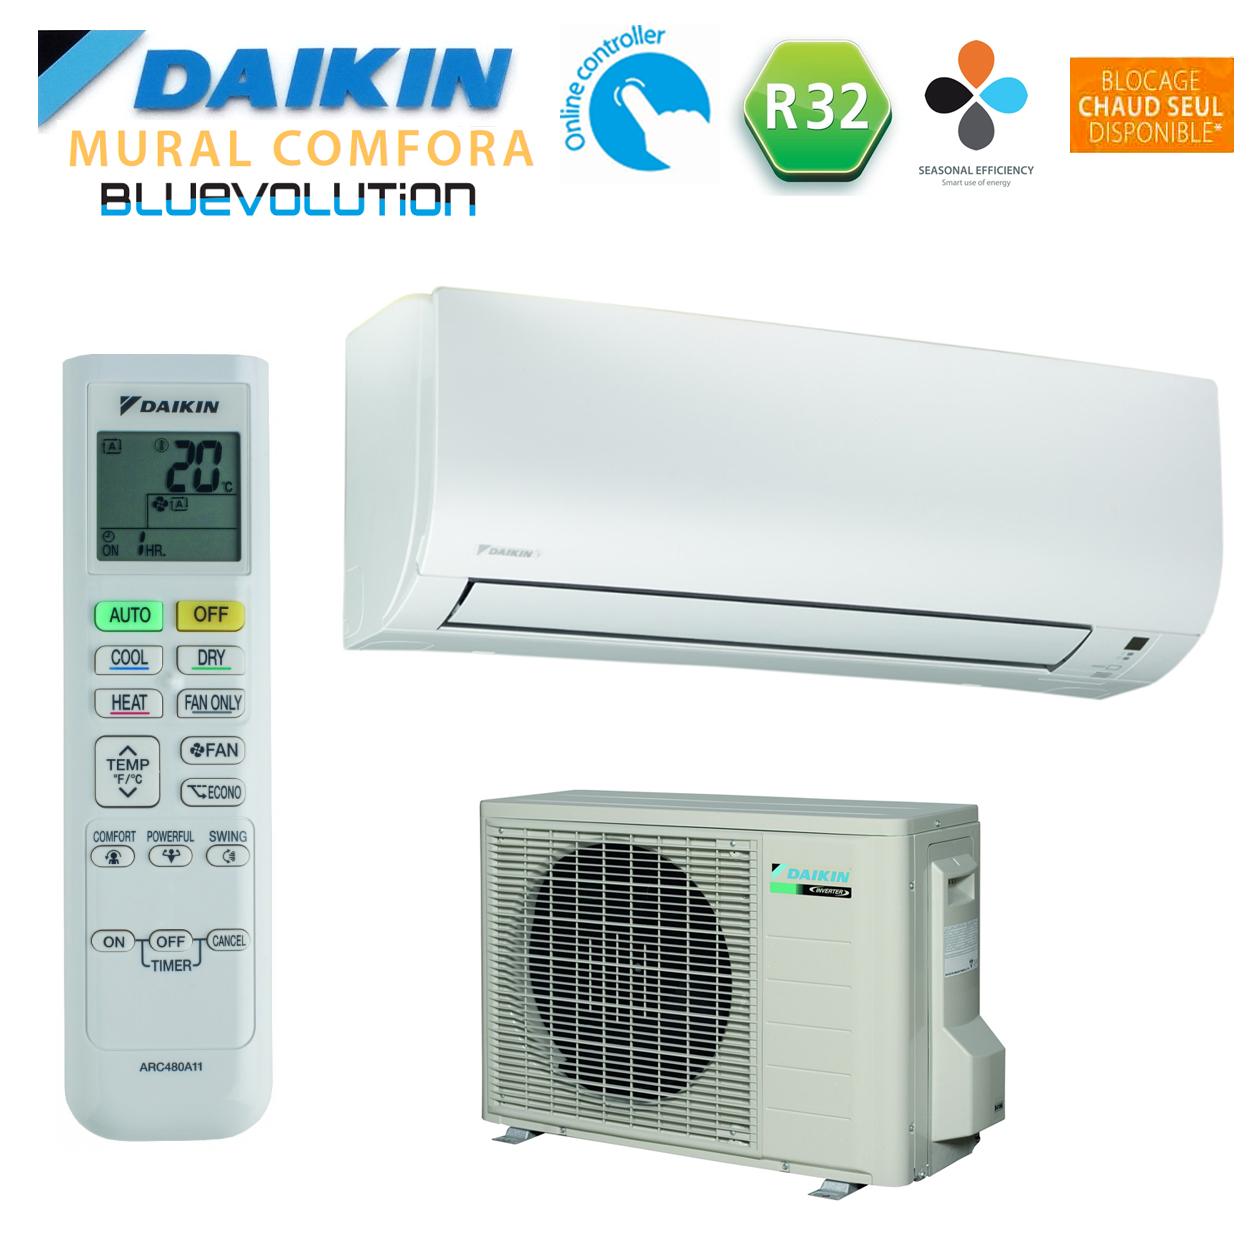 daikin-comfora-FTXP-M-RXP-M-1